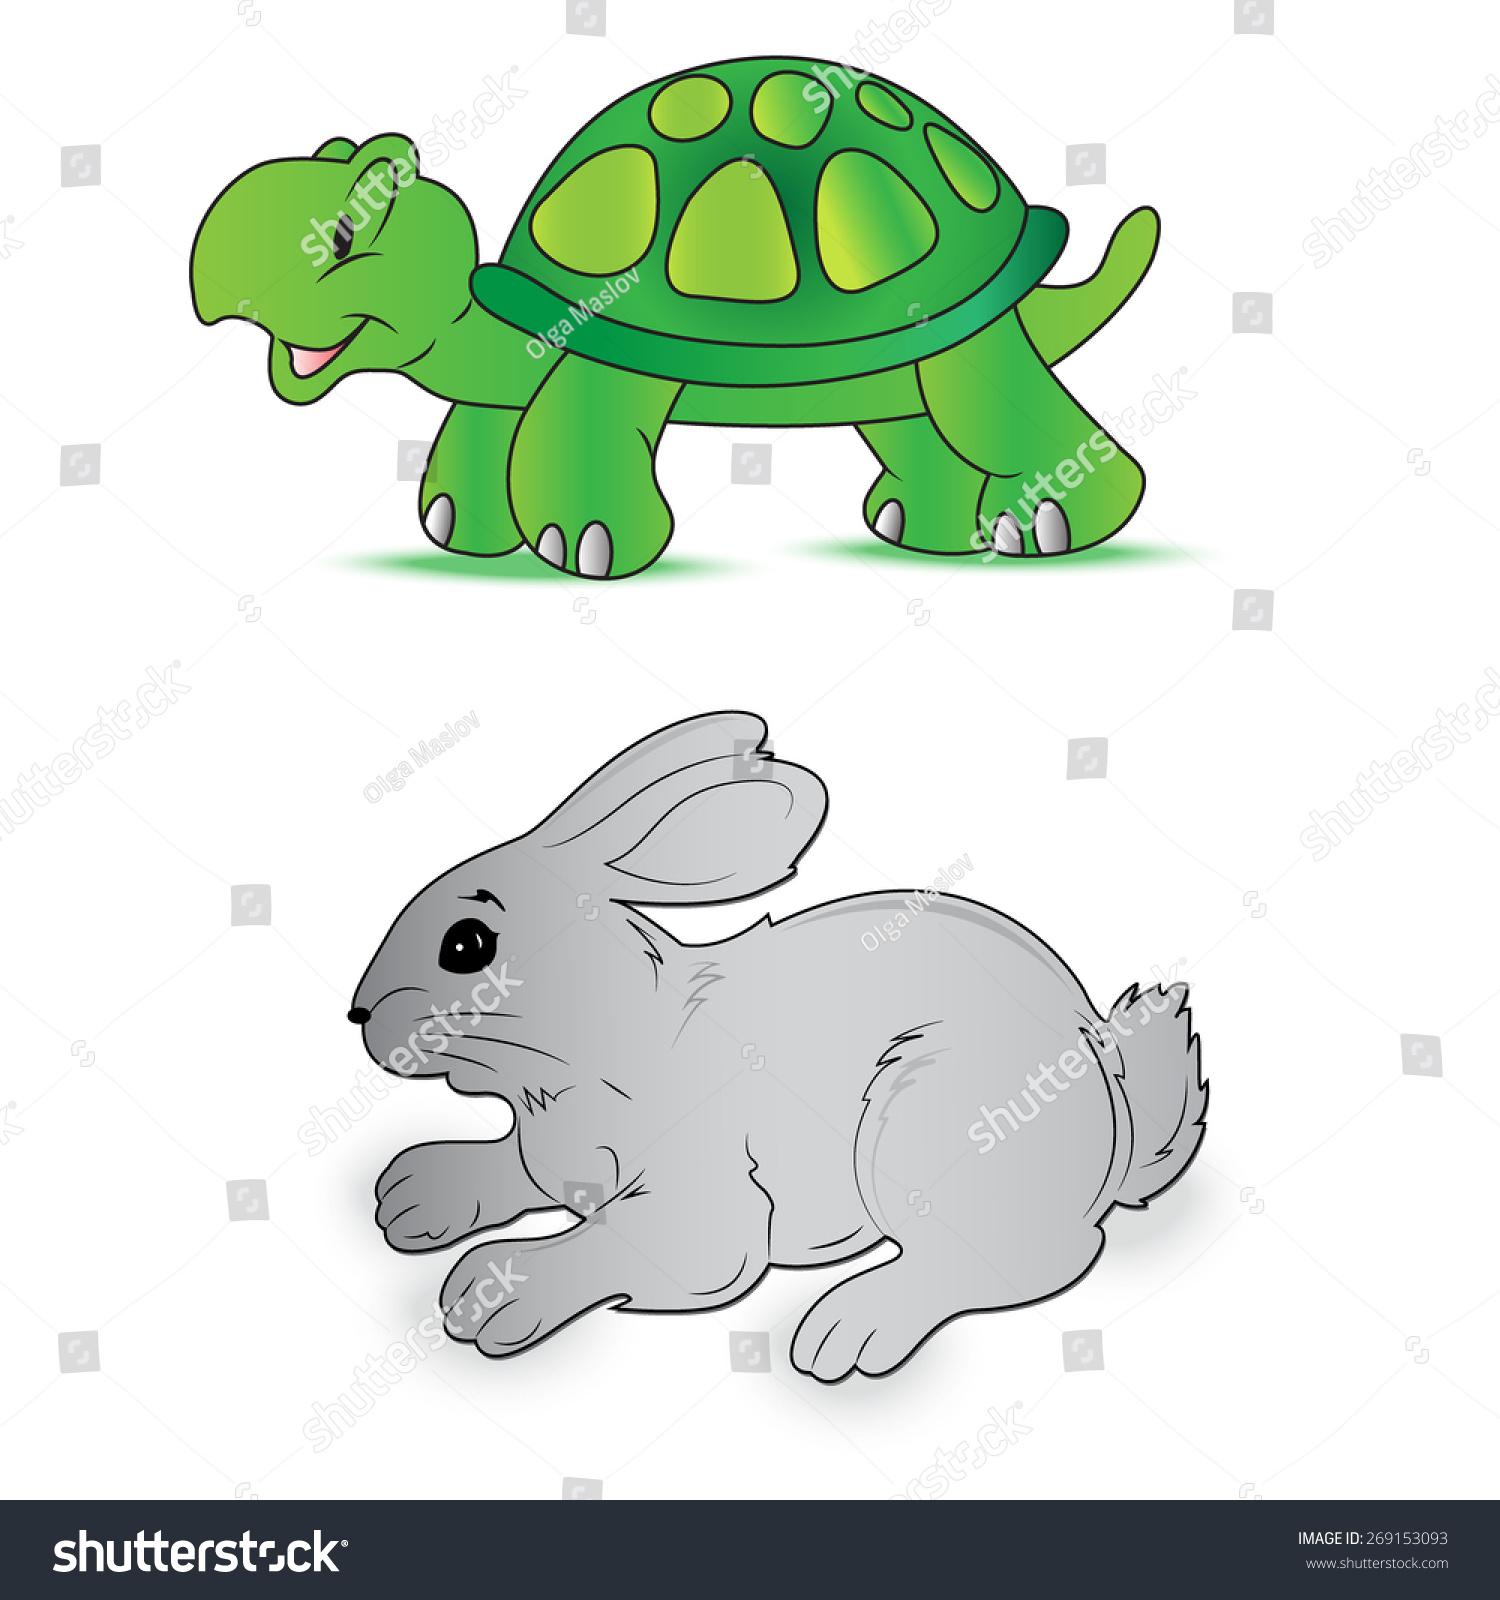 可爱小兔子屏保